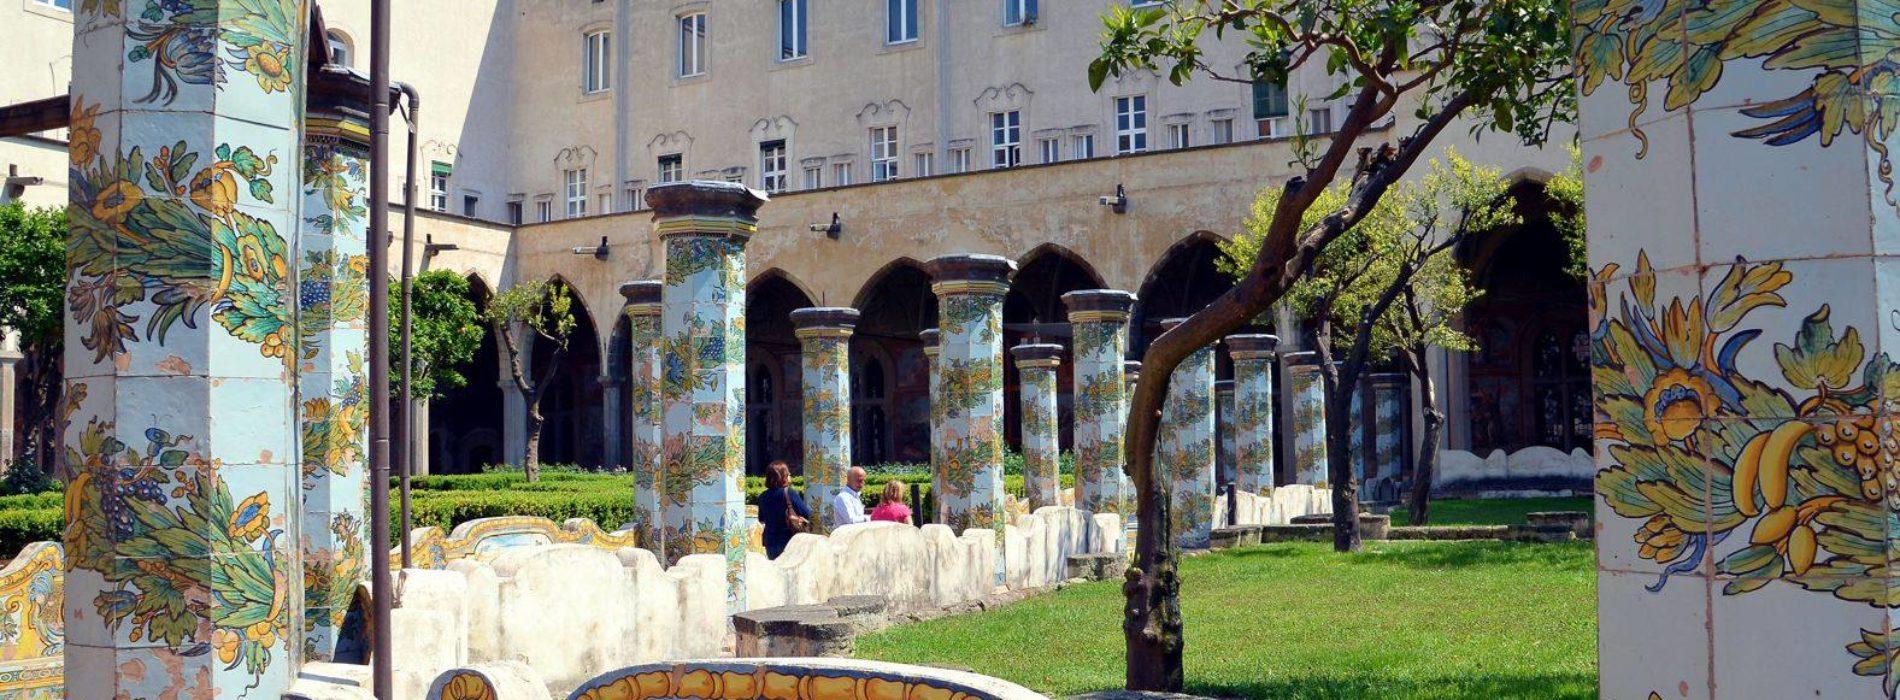 Il Monastero di Santa Chiara